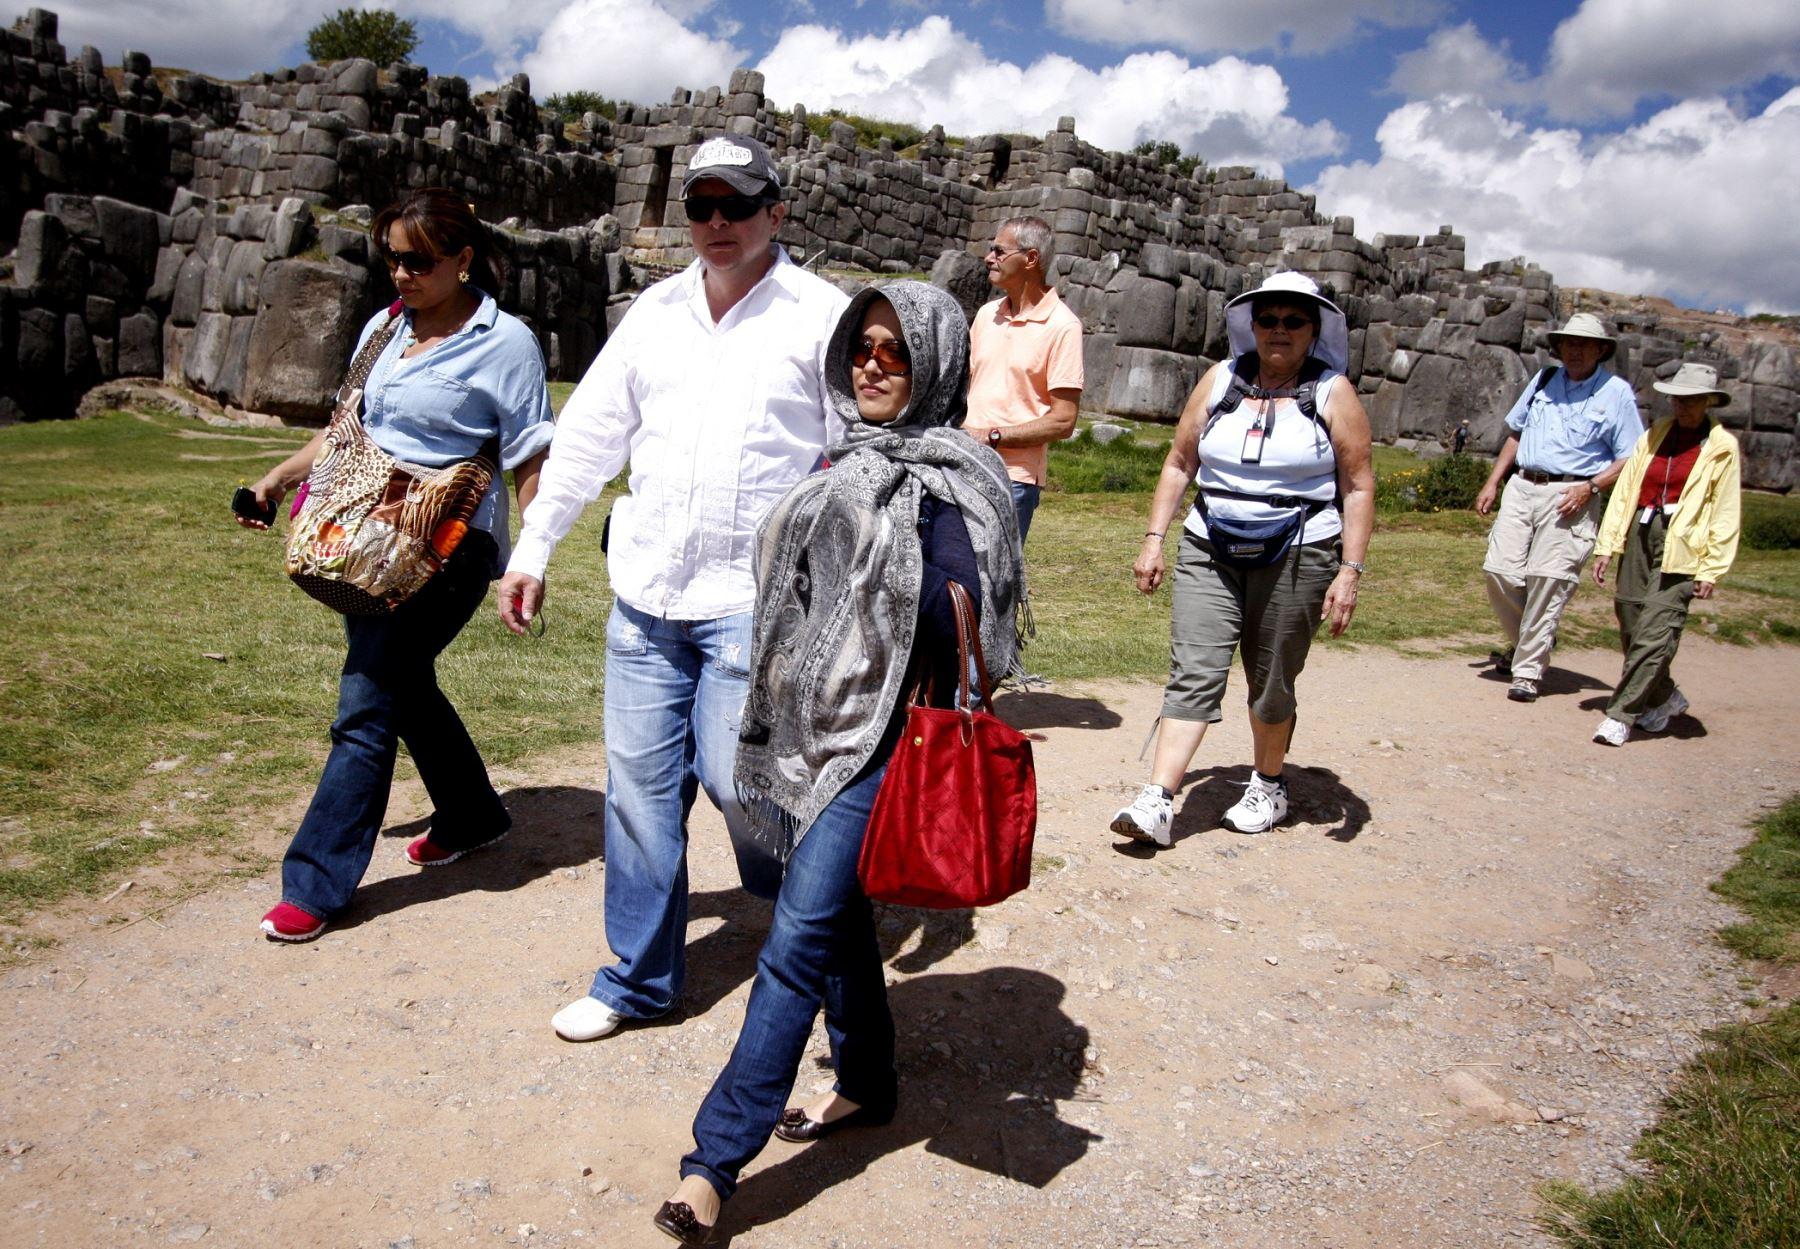 El Parque Arqueológico Sacsayhuamán es un titánico complejo con varias construcciones, con lagunas sagradas y numerosos templos ceremoniales, alberga 33 sitios arqueológicos.  Foto: ANDINA/Percy Hurtado